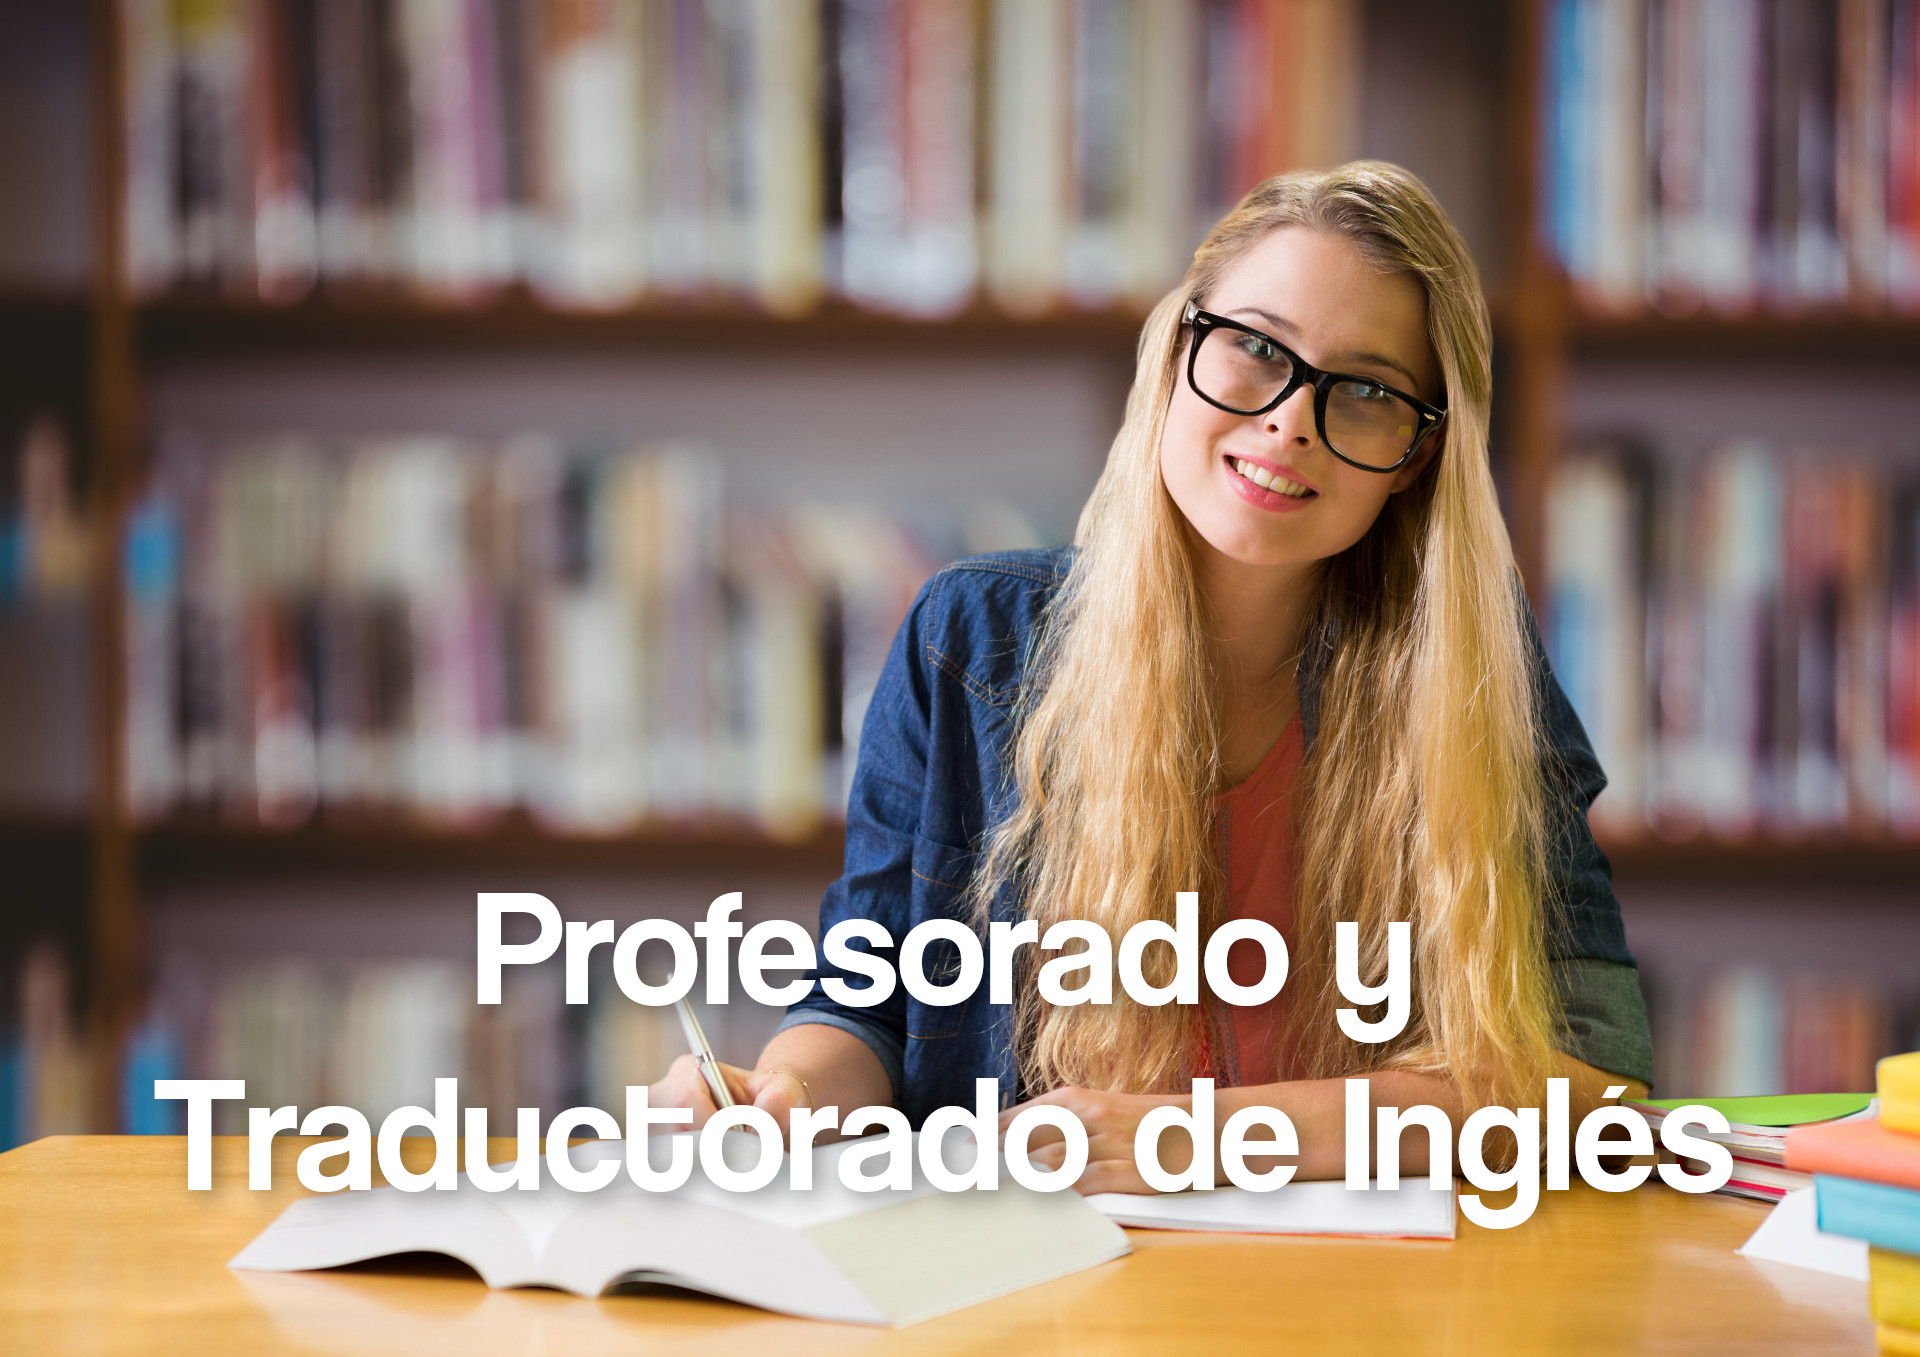 Profesorado y Traductorado de Inglés